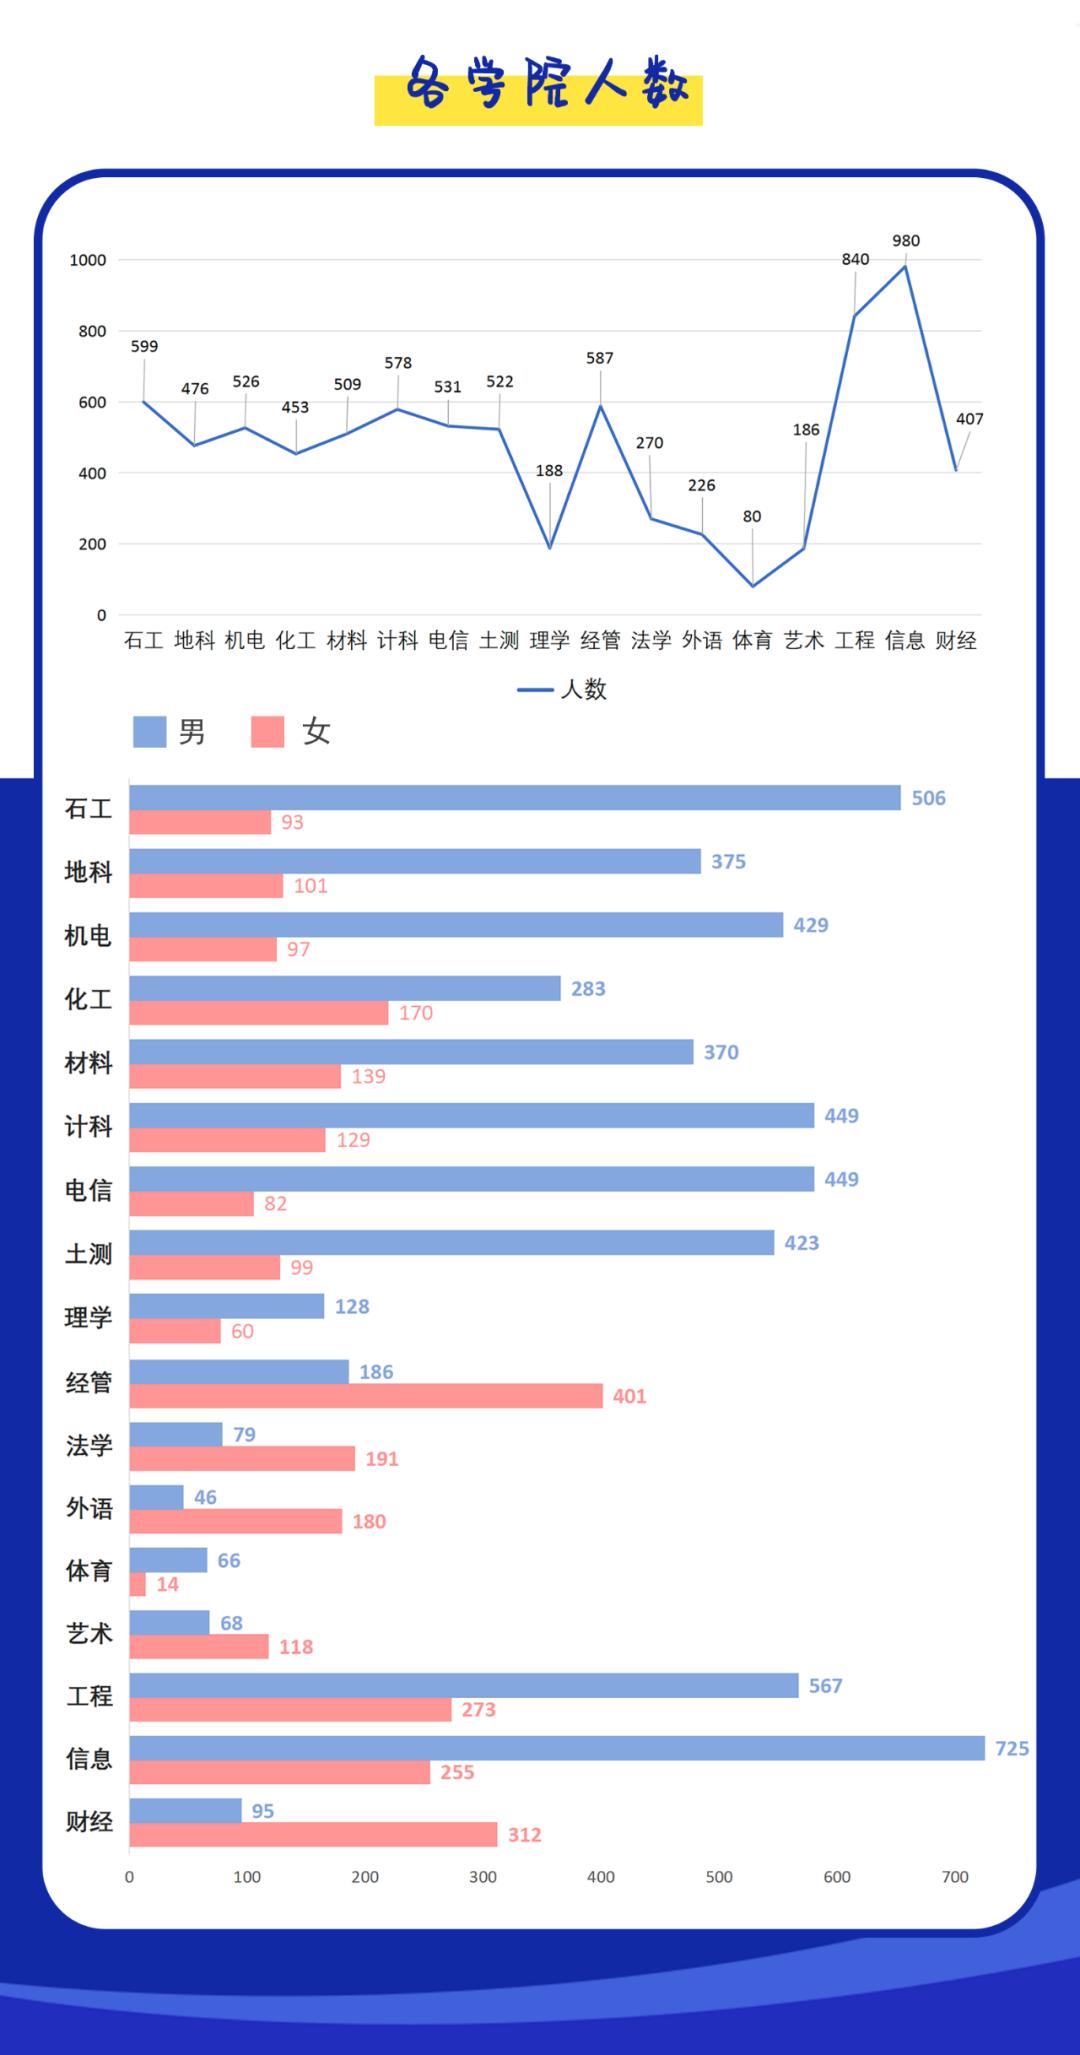 最小新生14岁,刘鑫x9,男女比例……西南石大2020本科新生数据大揭秘!图片